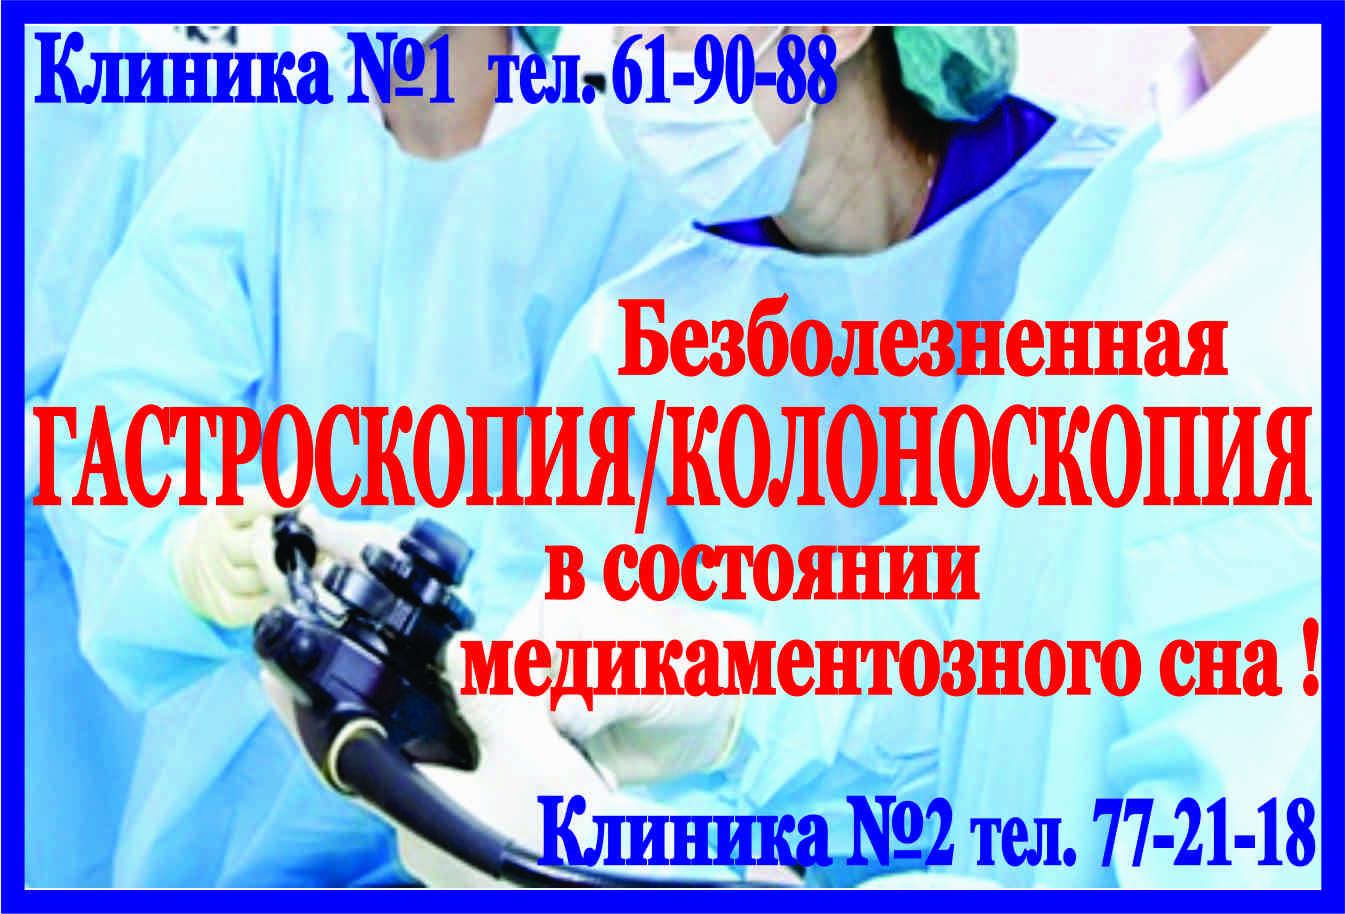 Список врачей для девочек